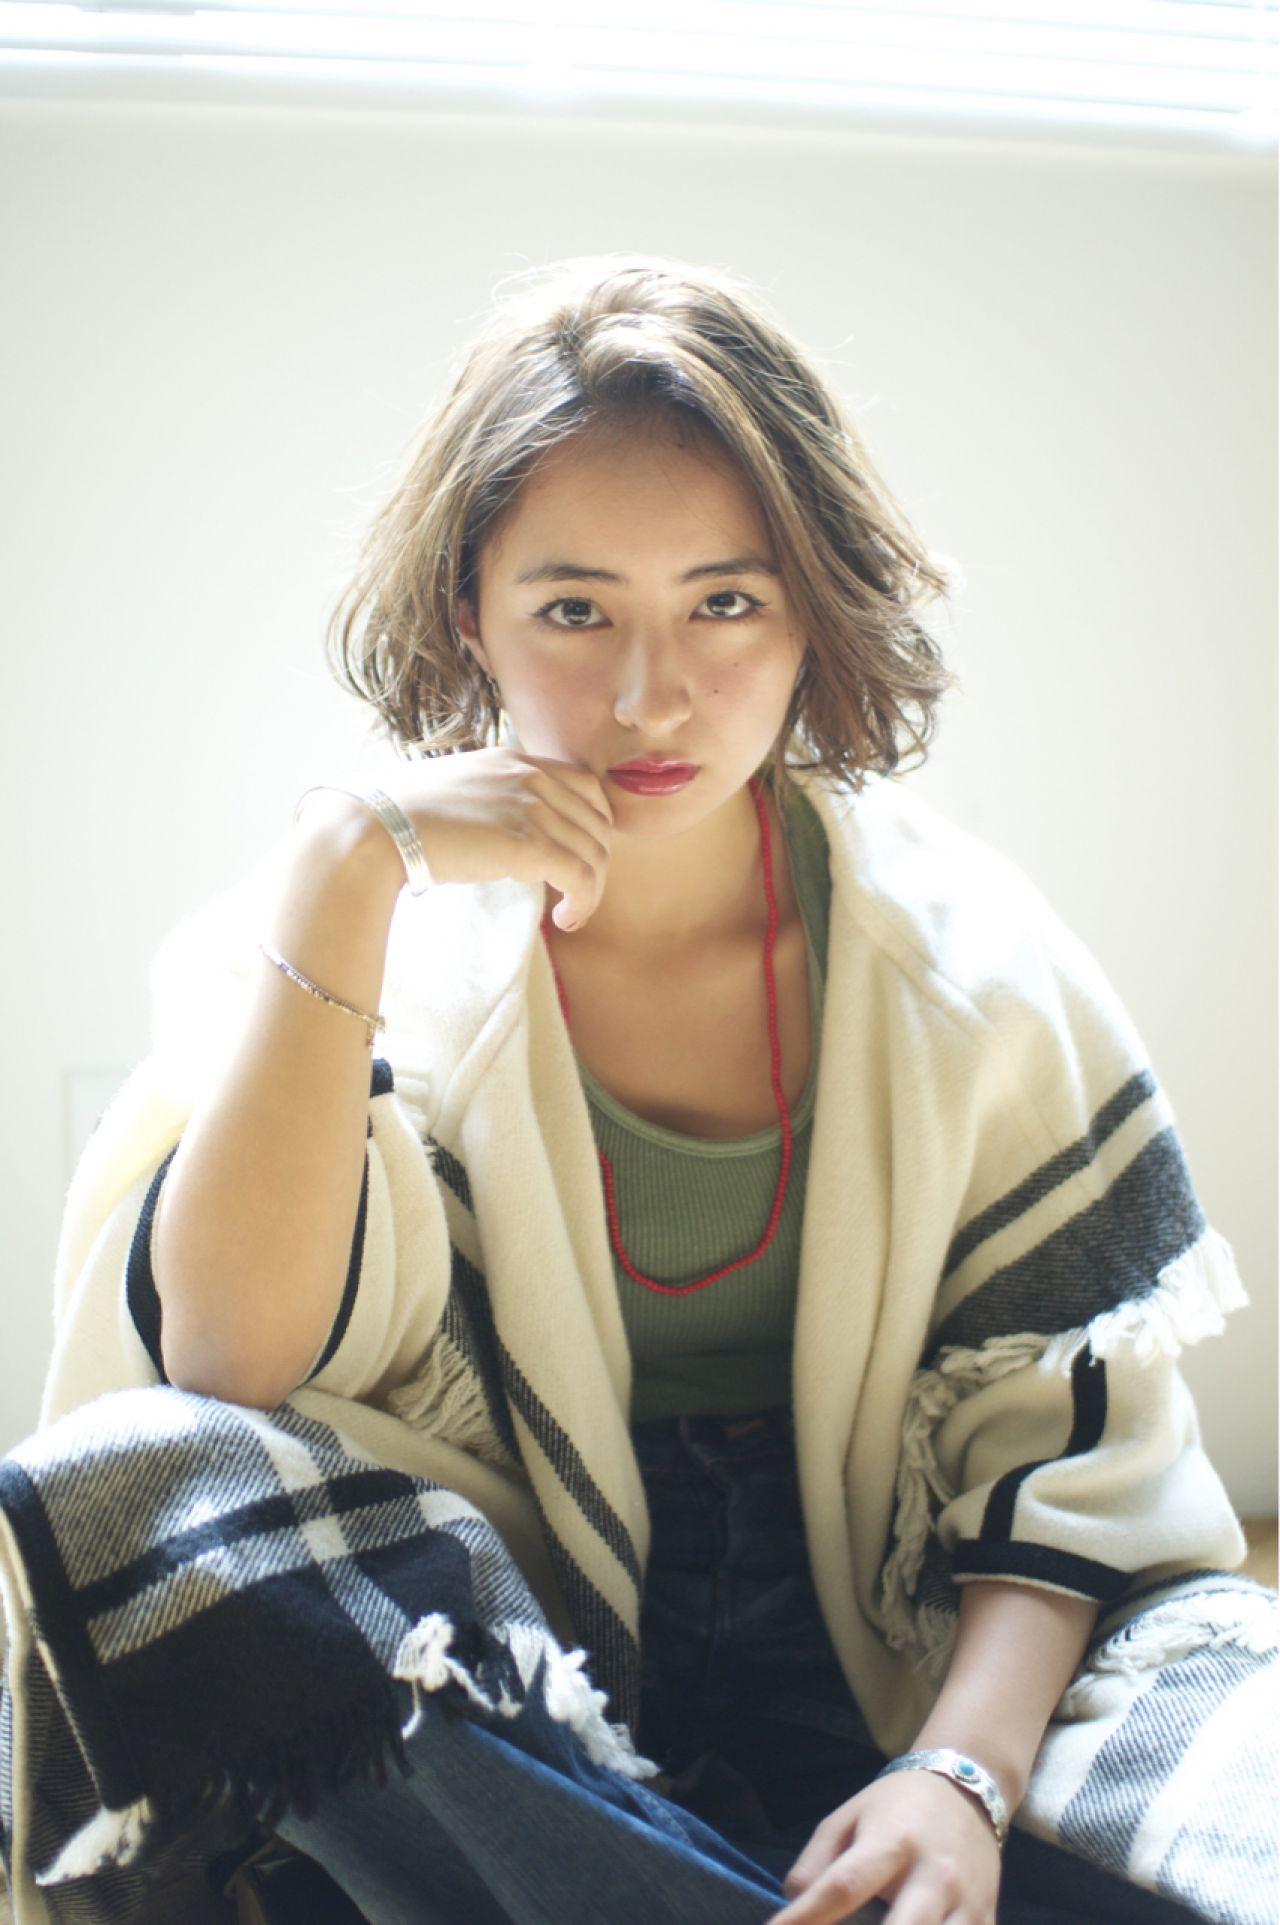 ボブ かき上げ前髪 ストリート サイドアップ ヘアスタイルや髪型の写真・画像 | YUKINA / HOMIE TOKYO / HOMIE TOKYO